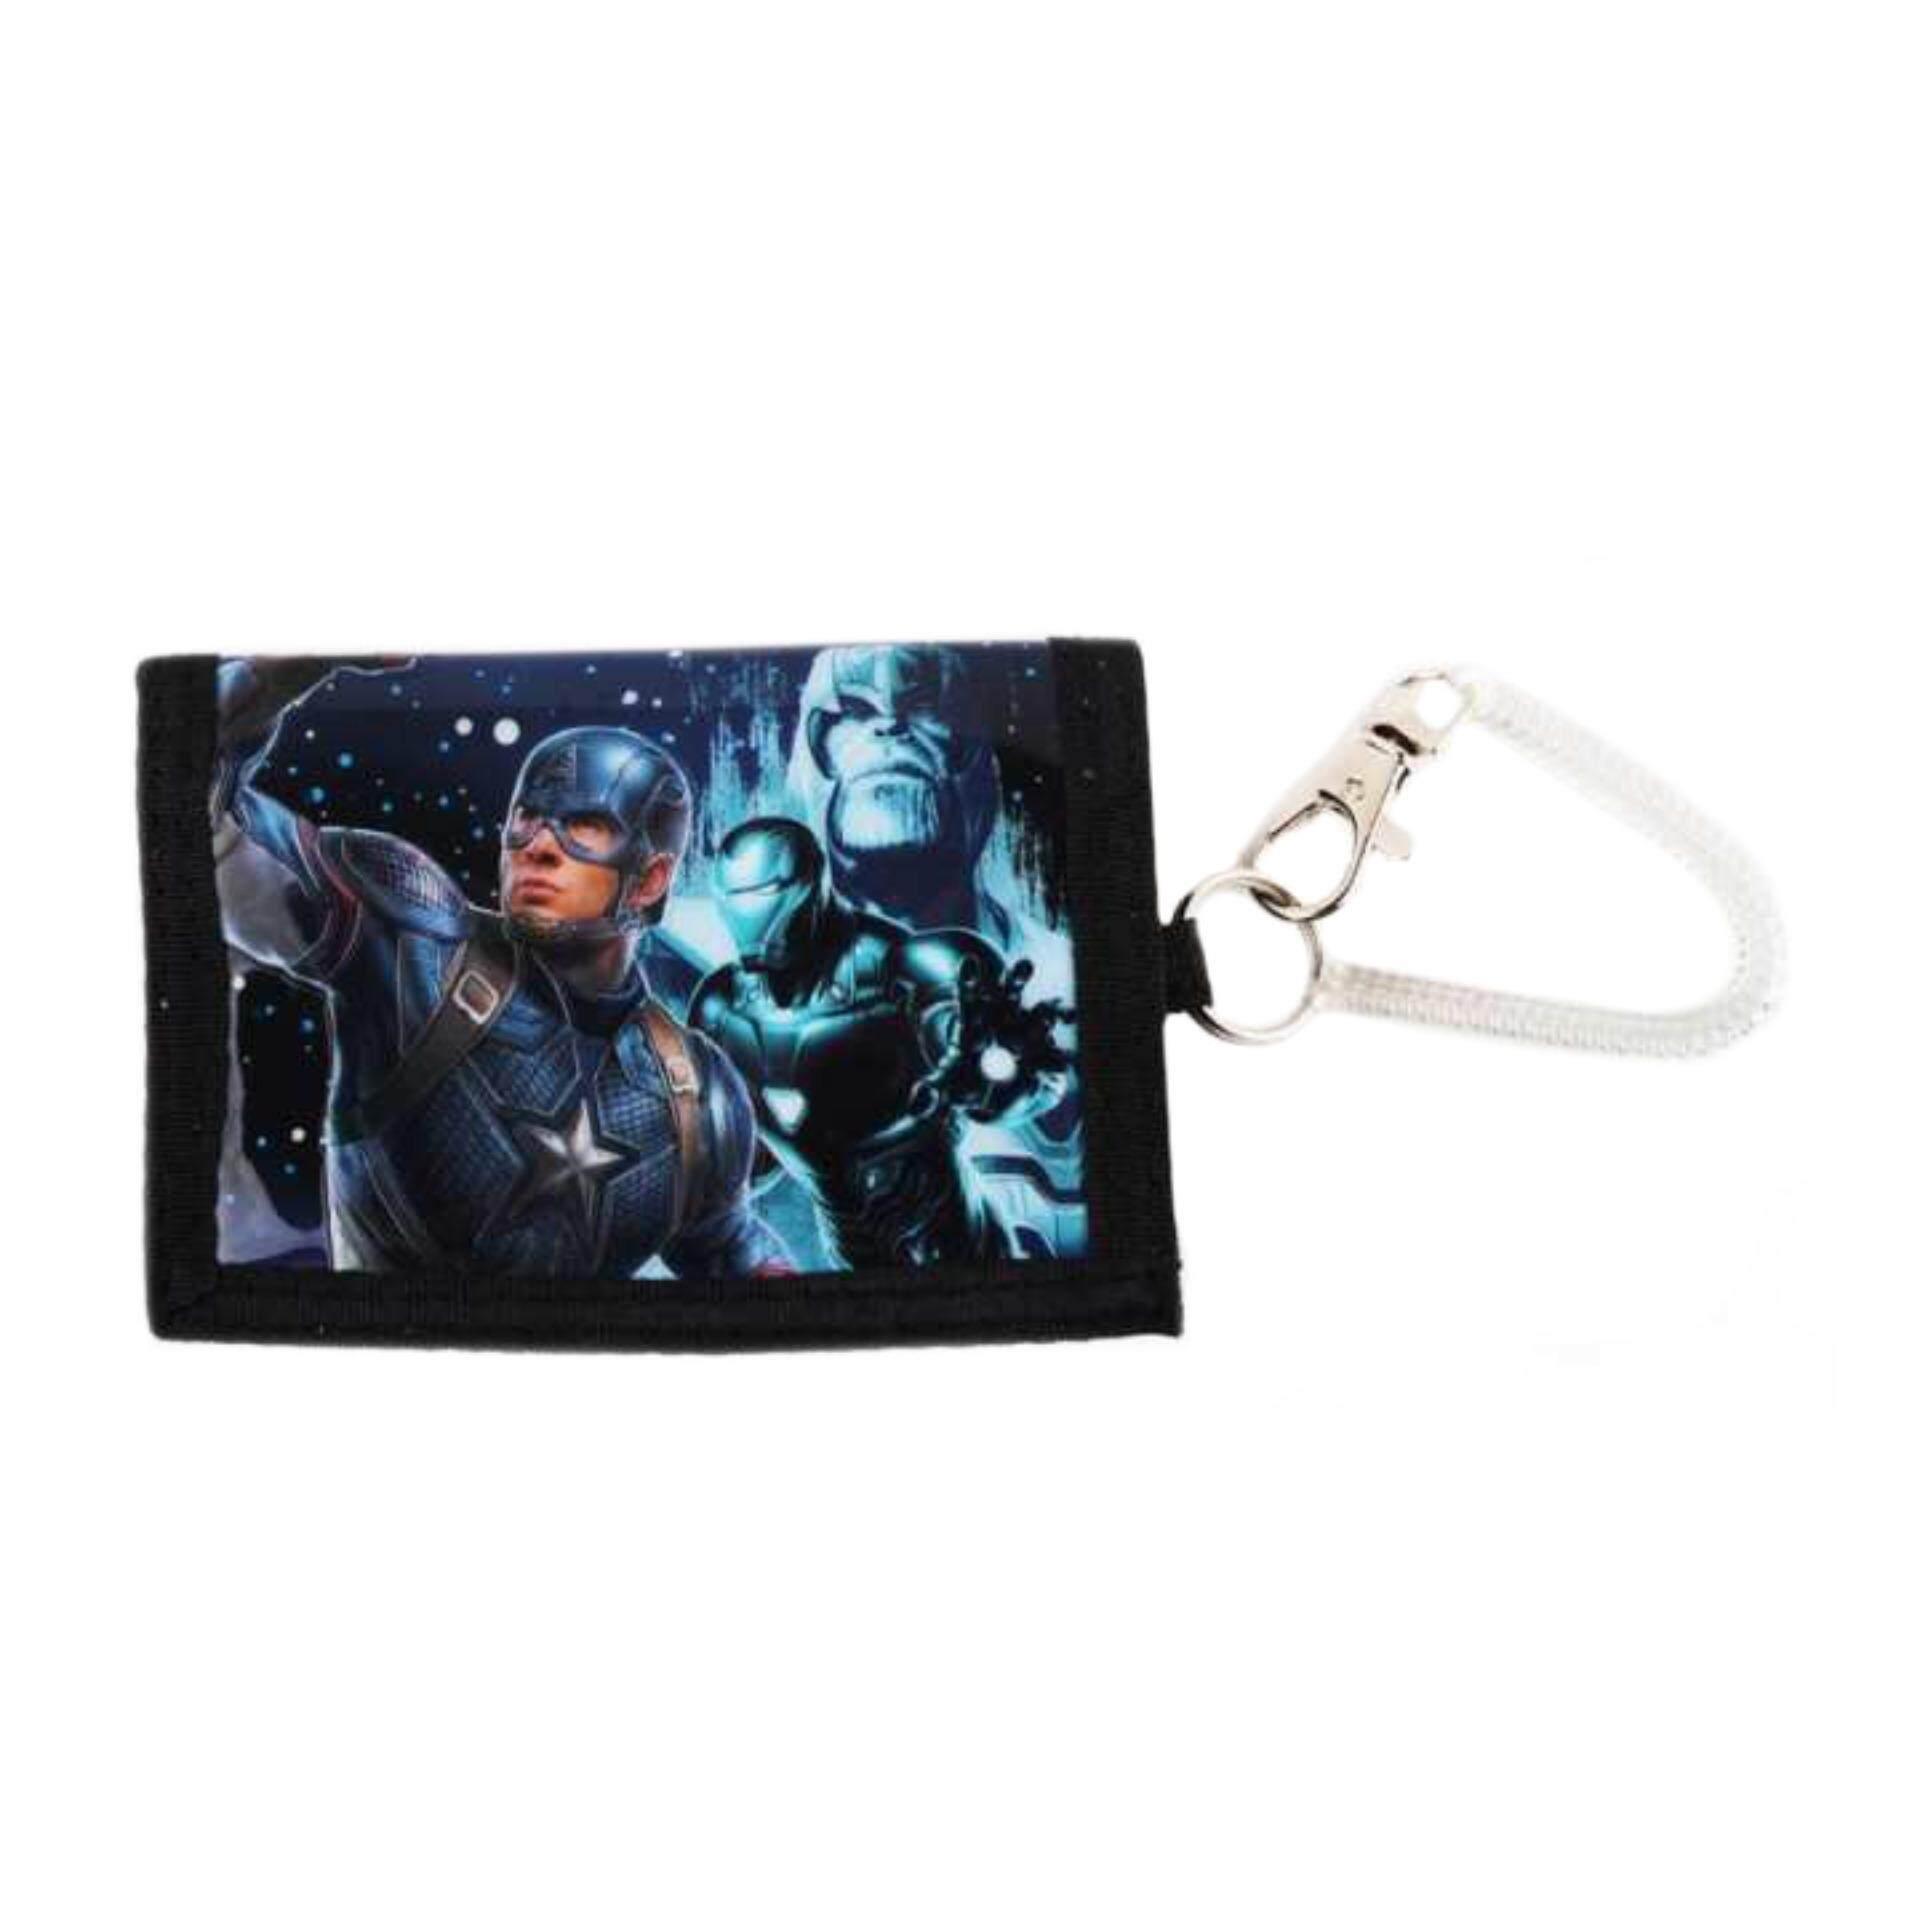 Marvel Avengers Endgame Elastic Coil Cord 3 Folded Wallet - Blue Colour